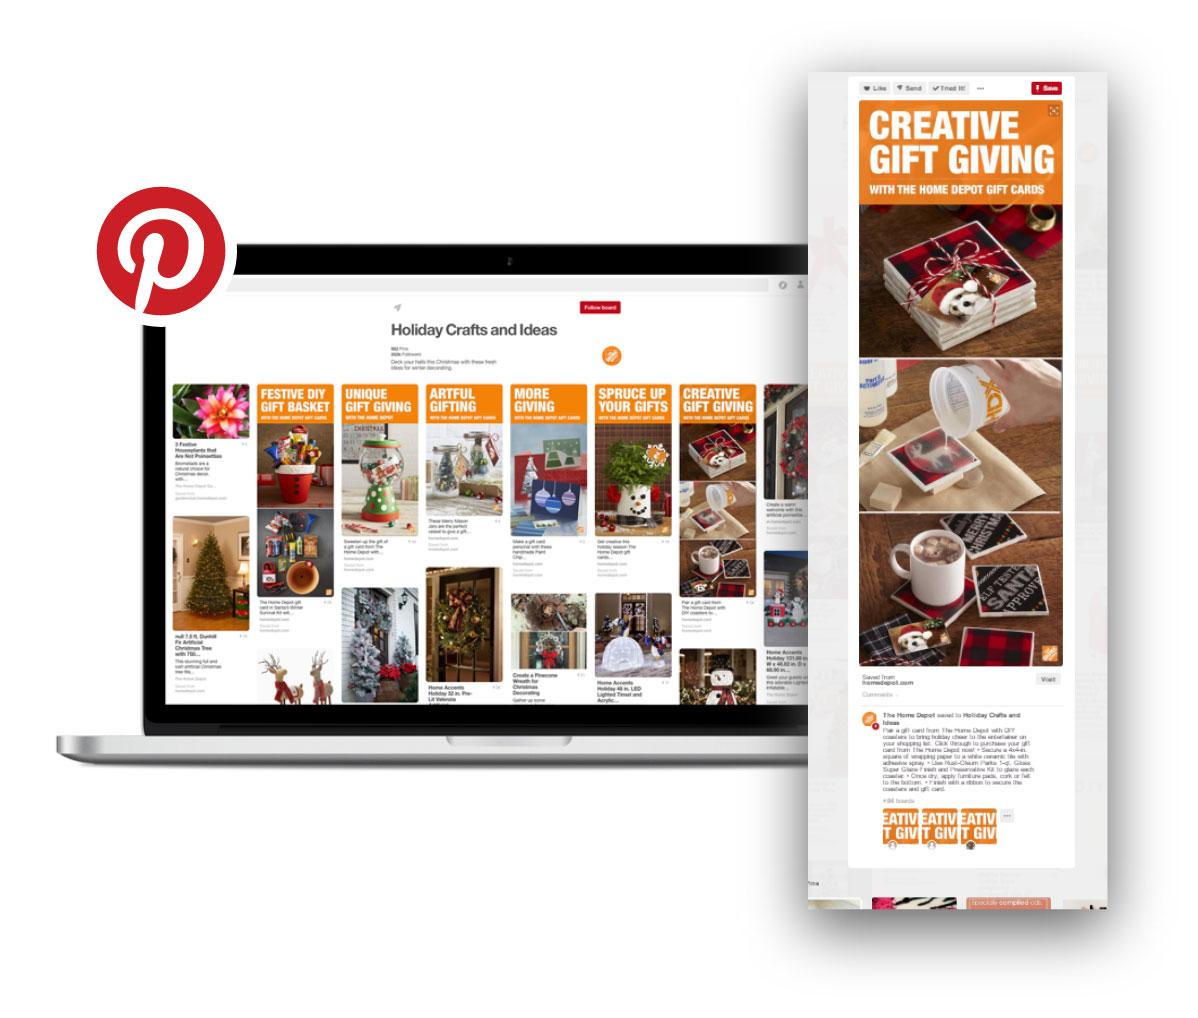 The Home Depot Pinterest